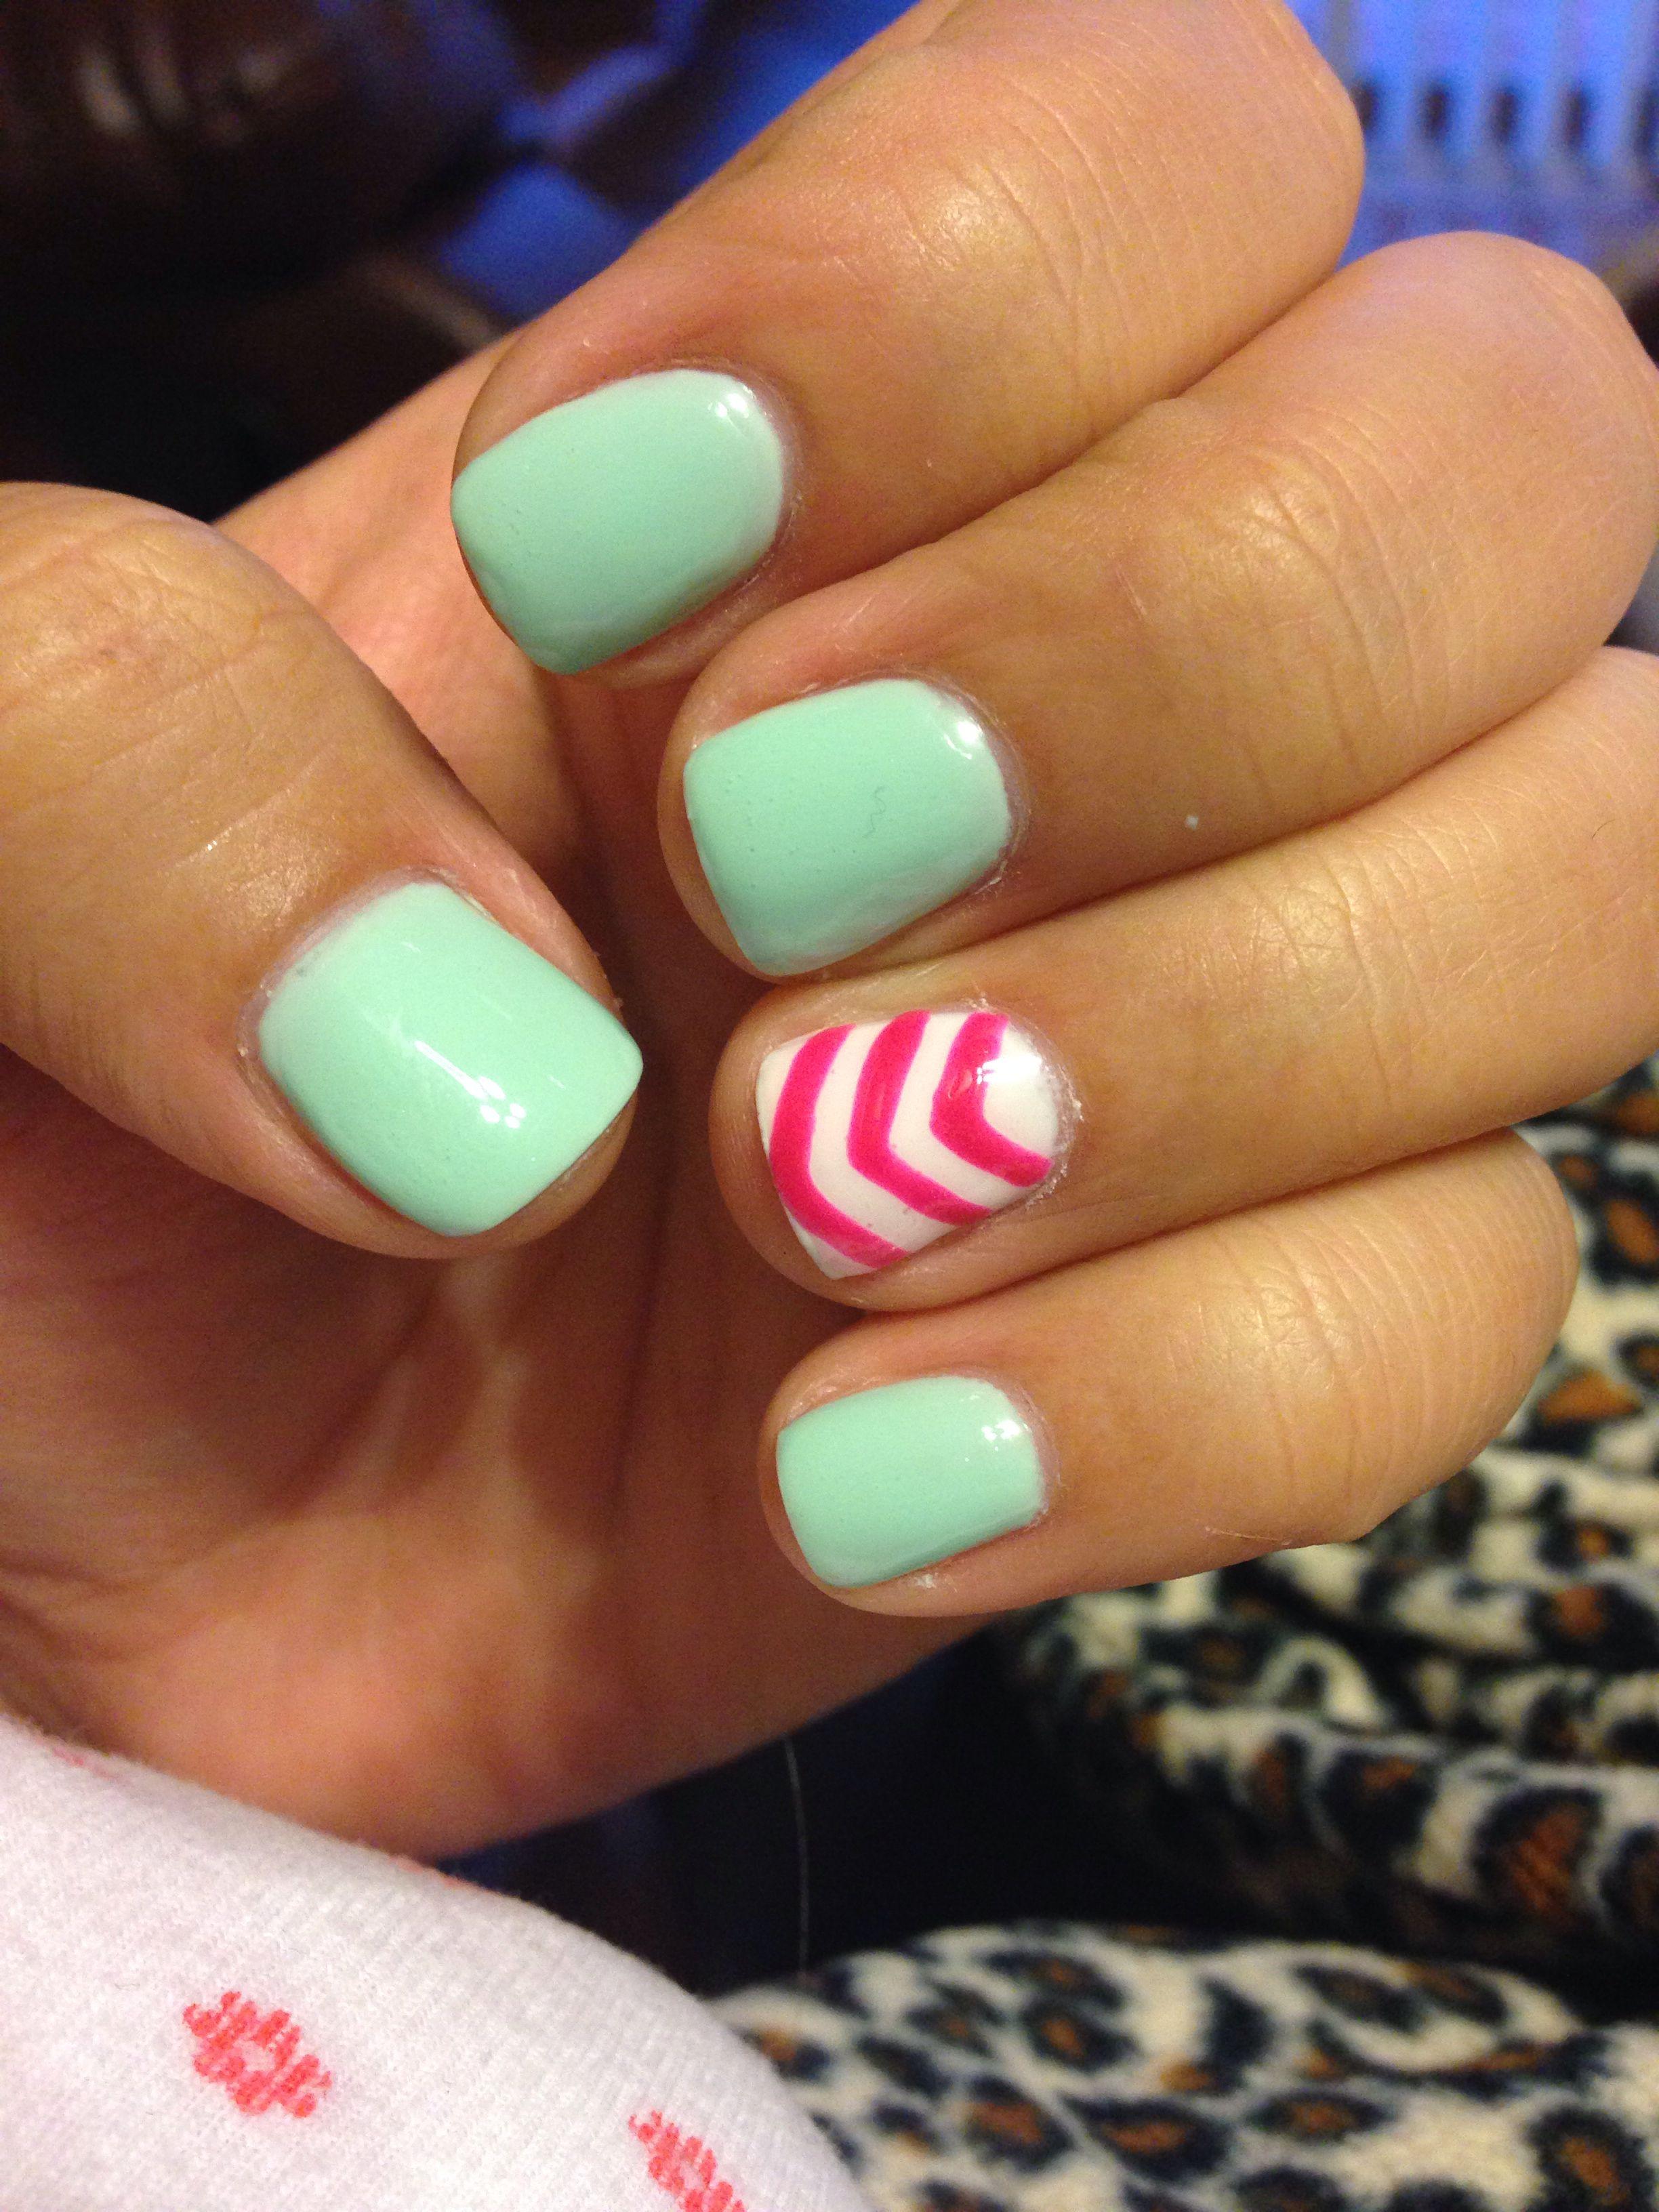 No chip manicure short nails no chip manicure for short nails no chip manicure short nails solutioingenieria Images